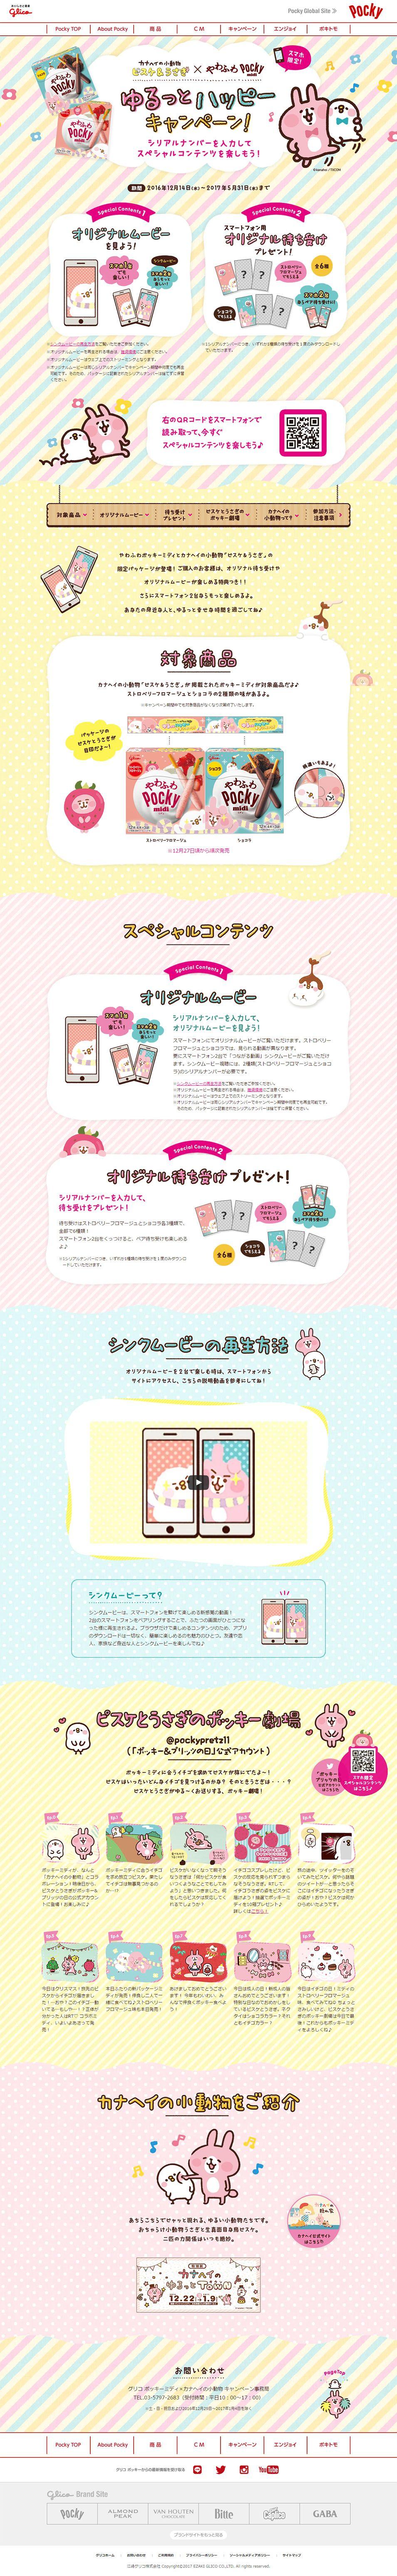 ゆるっとハッピーキャンペーン【和菓子・洋菓子・スイーツ関連】のlp